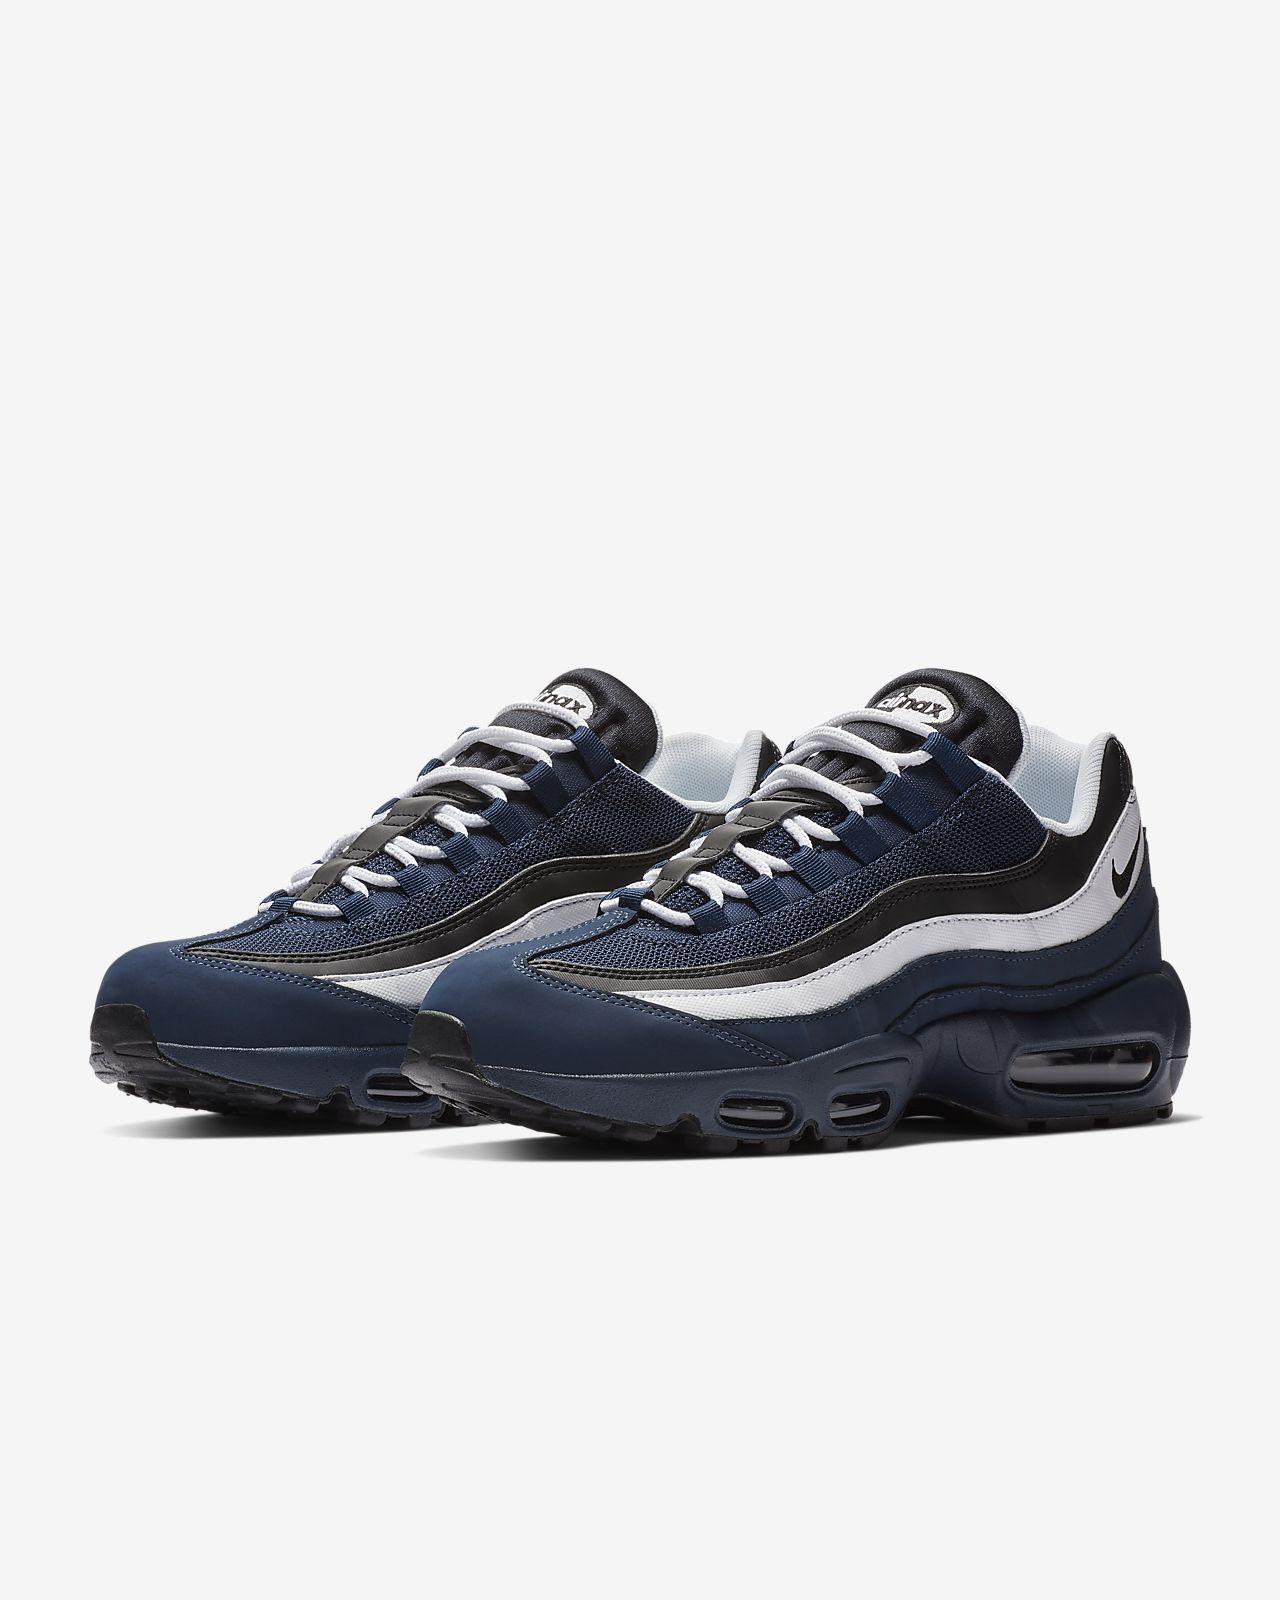 buy online 85e11 fbd2b ... Nike Air Max 95 Essential Mens Shoe